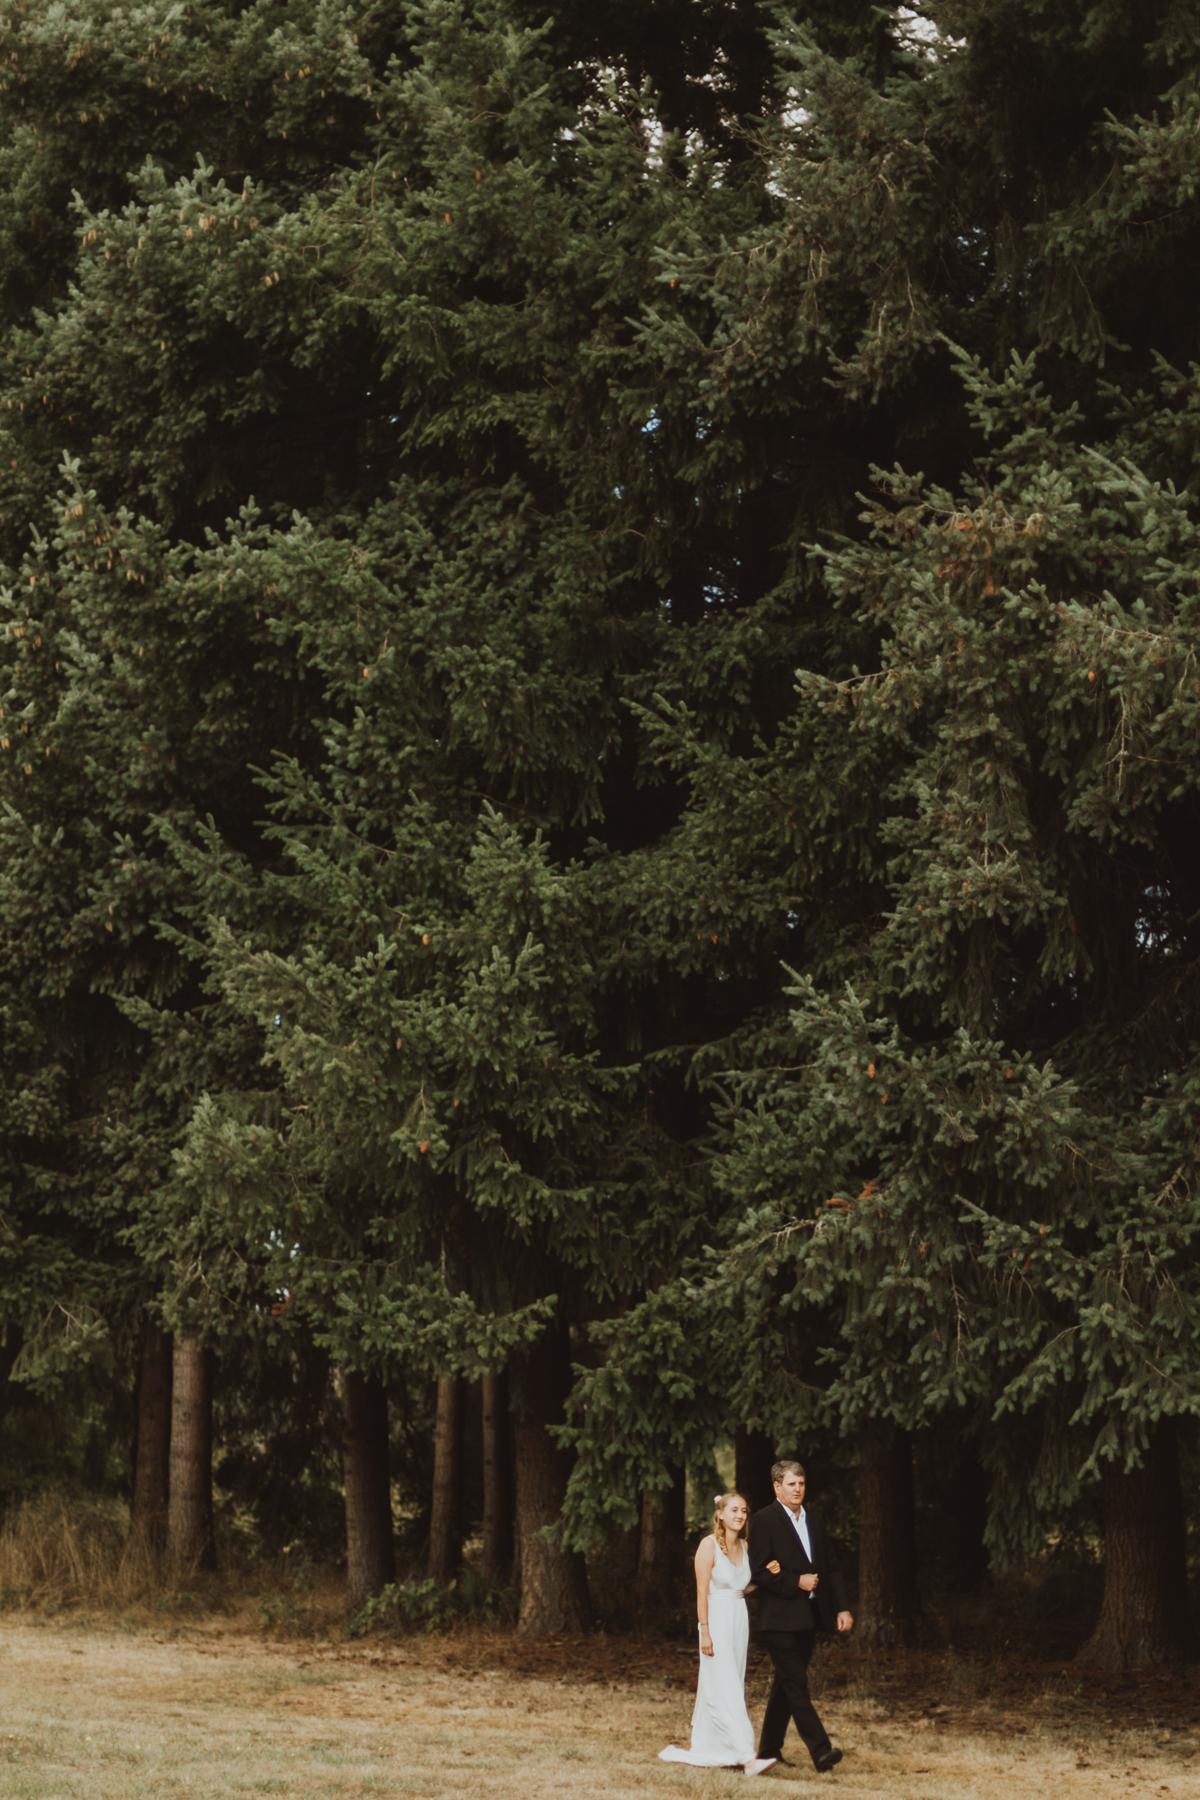 WB 09.16.18   Galizia Wedding 0007.JPG